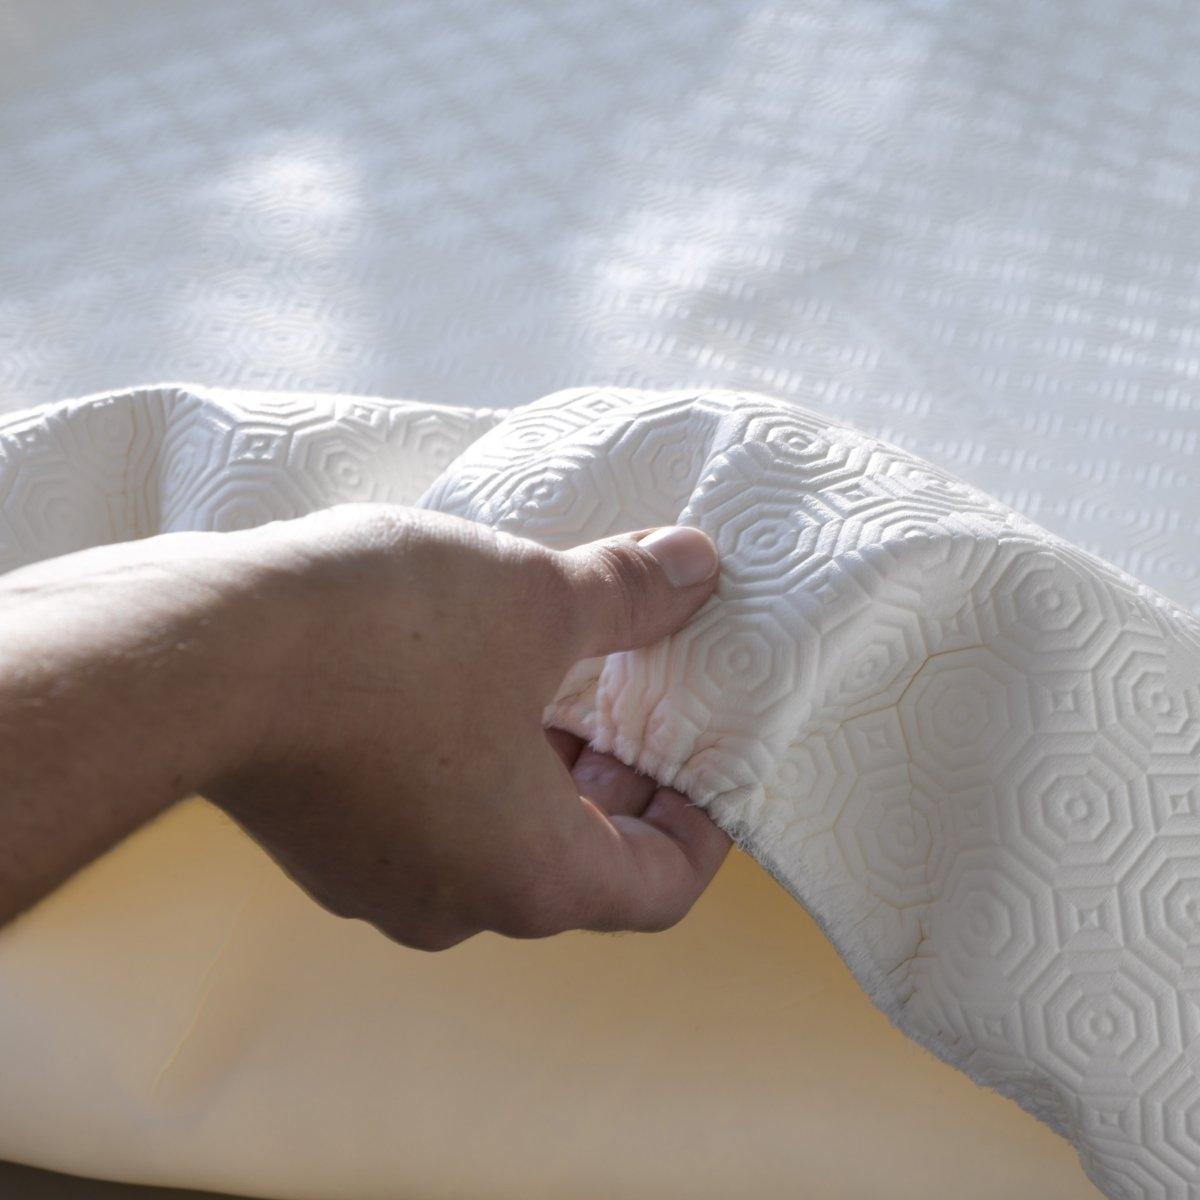 Чехол защитный для стола, качество люксКачество люкс. Практичный чехол защитит ваш стол от царапин и сколов! Выдерживает высокую температуру, удары, не скользит. Резинка по периметру удерживает чехол на месте. 78% ПВХ, 22% пропитки ПВХ. Толщина 2,2 мм. Легко вытирается губкой. Соответствие размеров чехла и стола (от края до края):  - Прямоуг.105 x 165 см: стол 90 x 150 см - Круг 110 х 125 см: стол диаметром 110 см - Круг 130 х 145 см: стол диаметром 145 см - Овал 110 x 140 см: стол 95 x 125 см - Овал 110 x 180 см: стол 90 x 165 см.<br><br>Цвет: белый